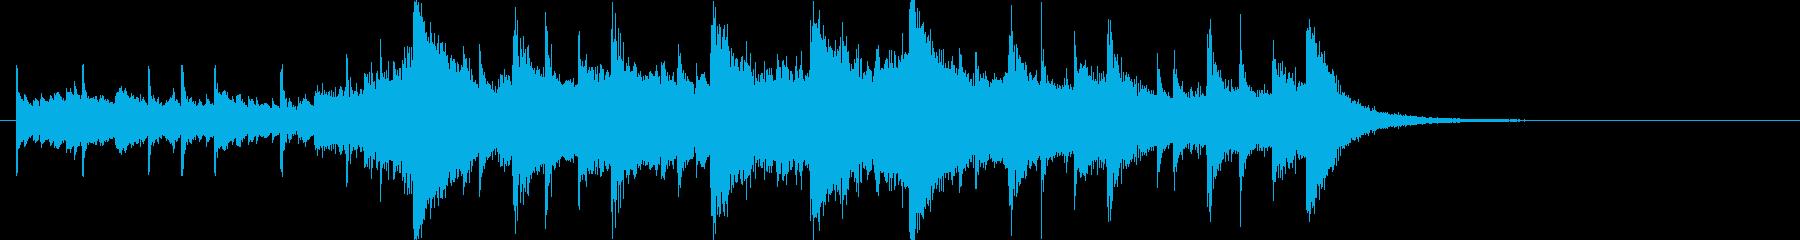 幻想的で壮大なオーケストラOPジングルcの再生済みの波形